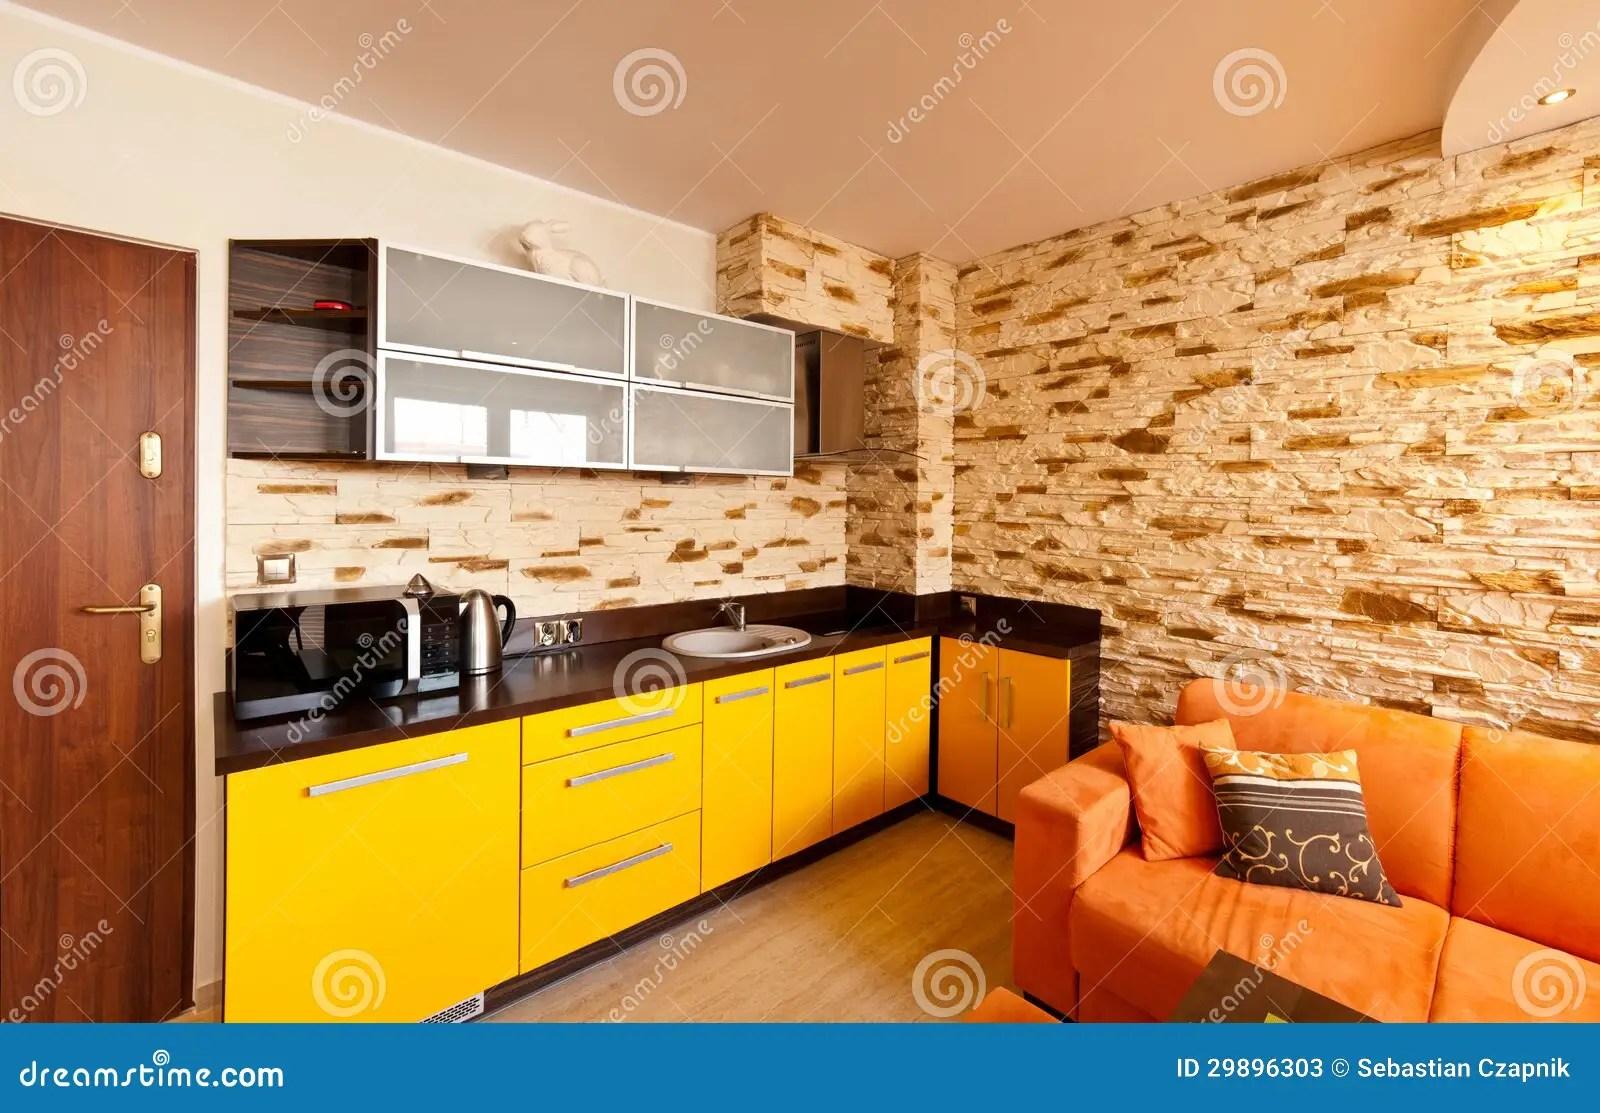 Cucina angolo parete rivestimento cucina moderna senza